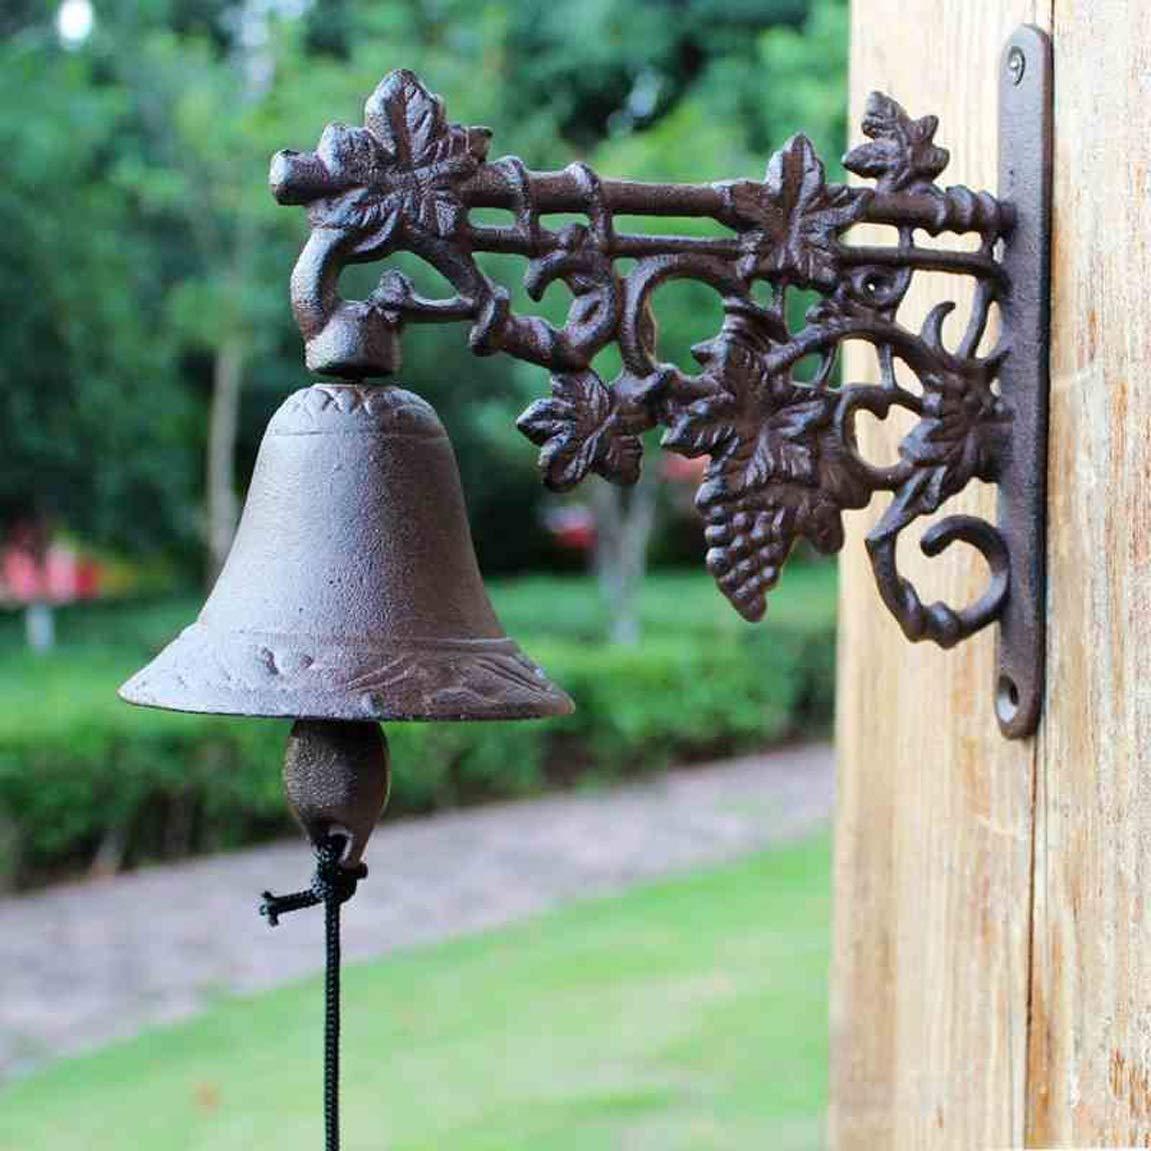 FLYSXP Iron Grape doorbell Nordic Popular Garden Wrought Iron Decorative doorbell Hand Bell Wall 23.8x10.5x20.5cm Vintage doorbell